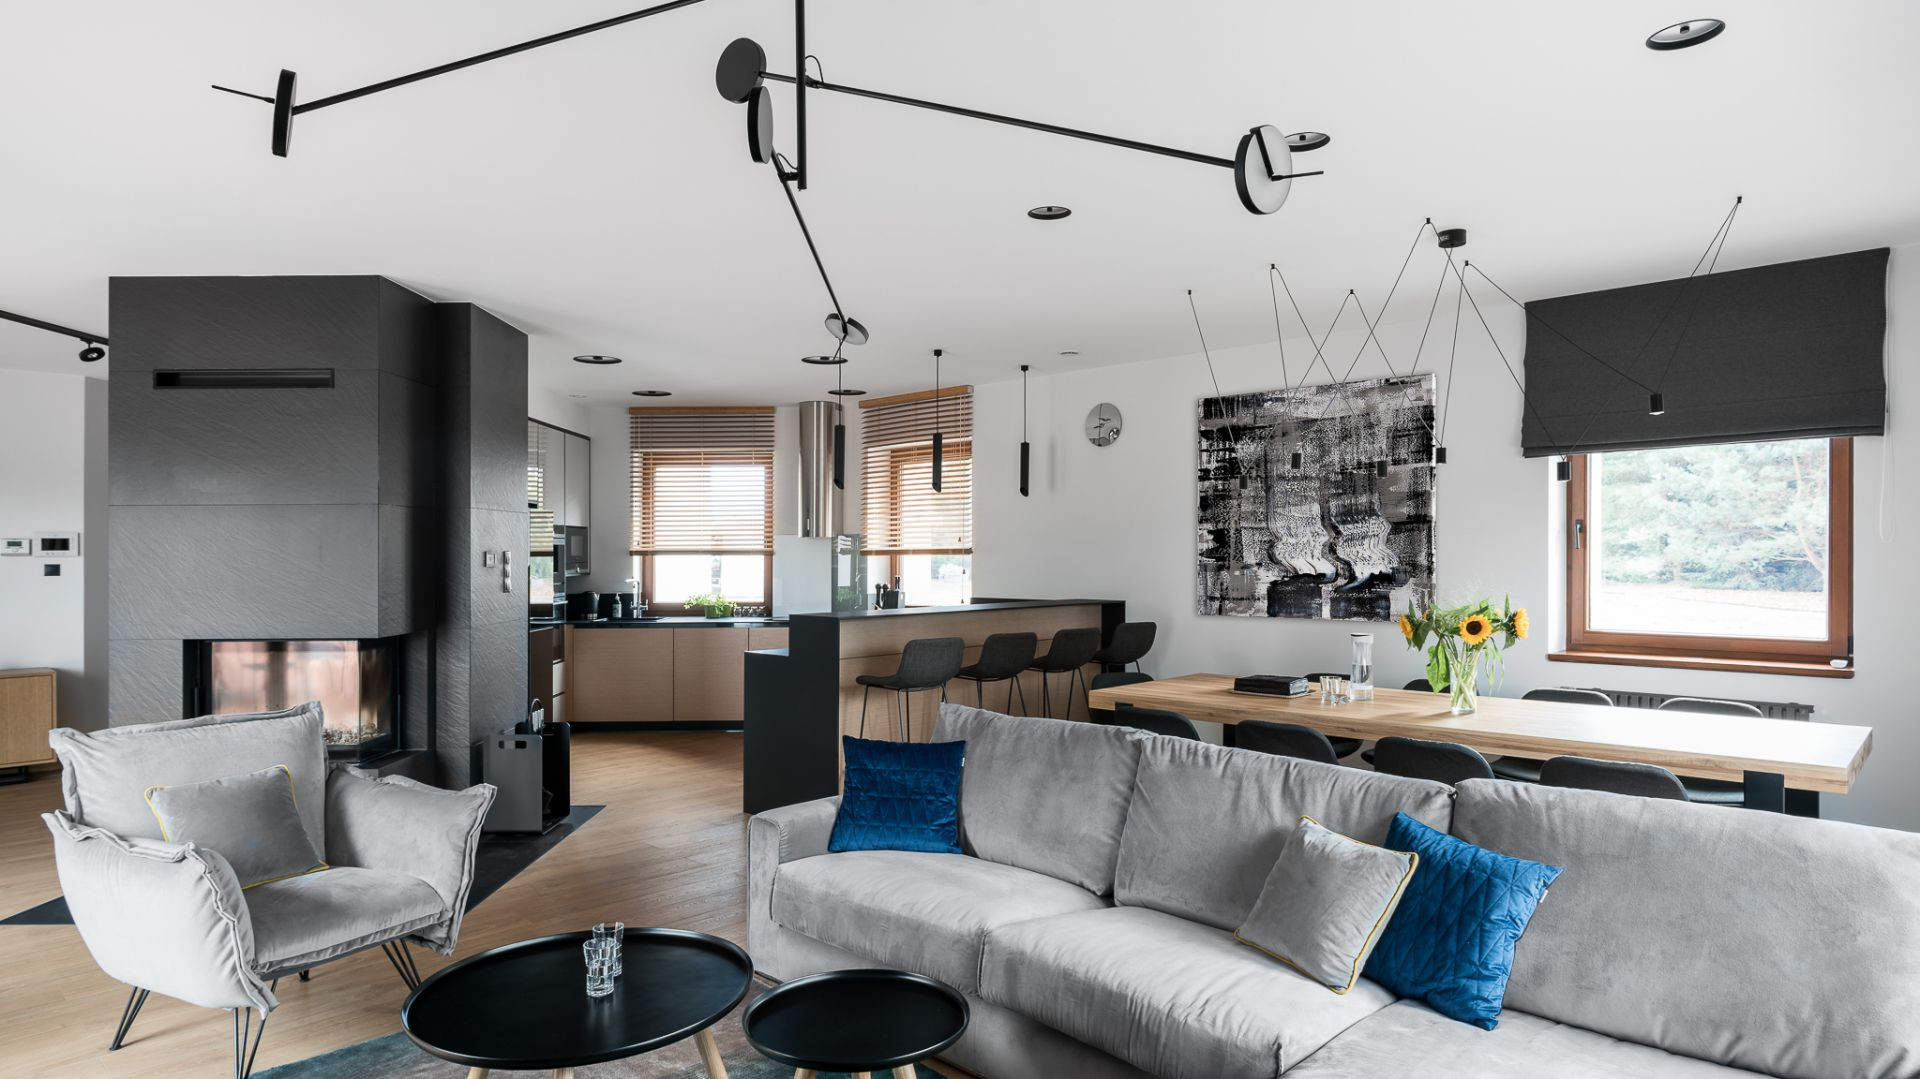 Wyróżnienie - dom dla trzyosobowej rodziny, zlokalizowany koło Iławy. Autorzy projektu: Estera i Robert Sosnowscy (Studio Projekt)